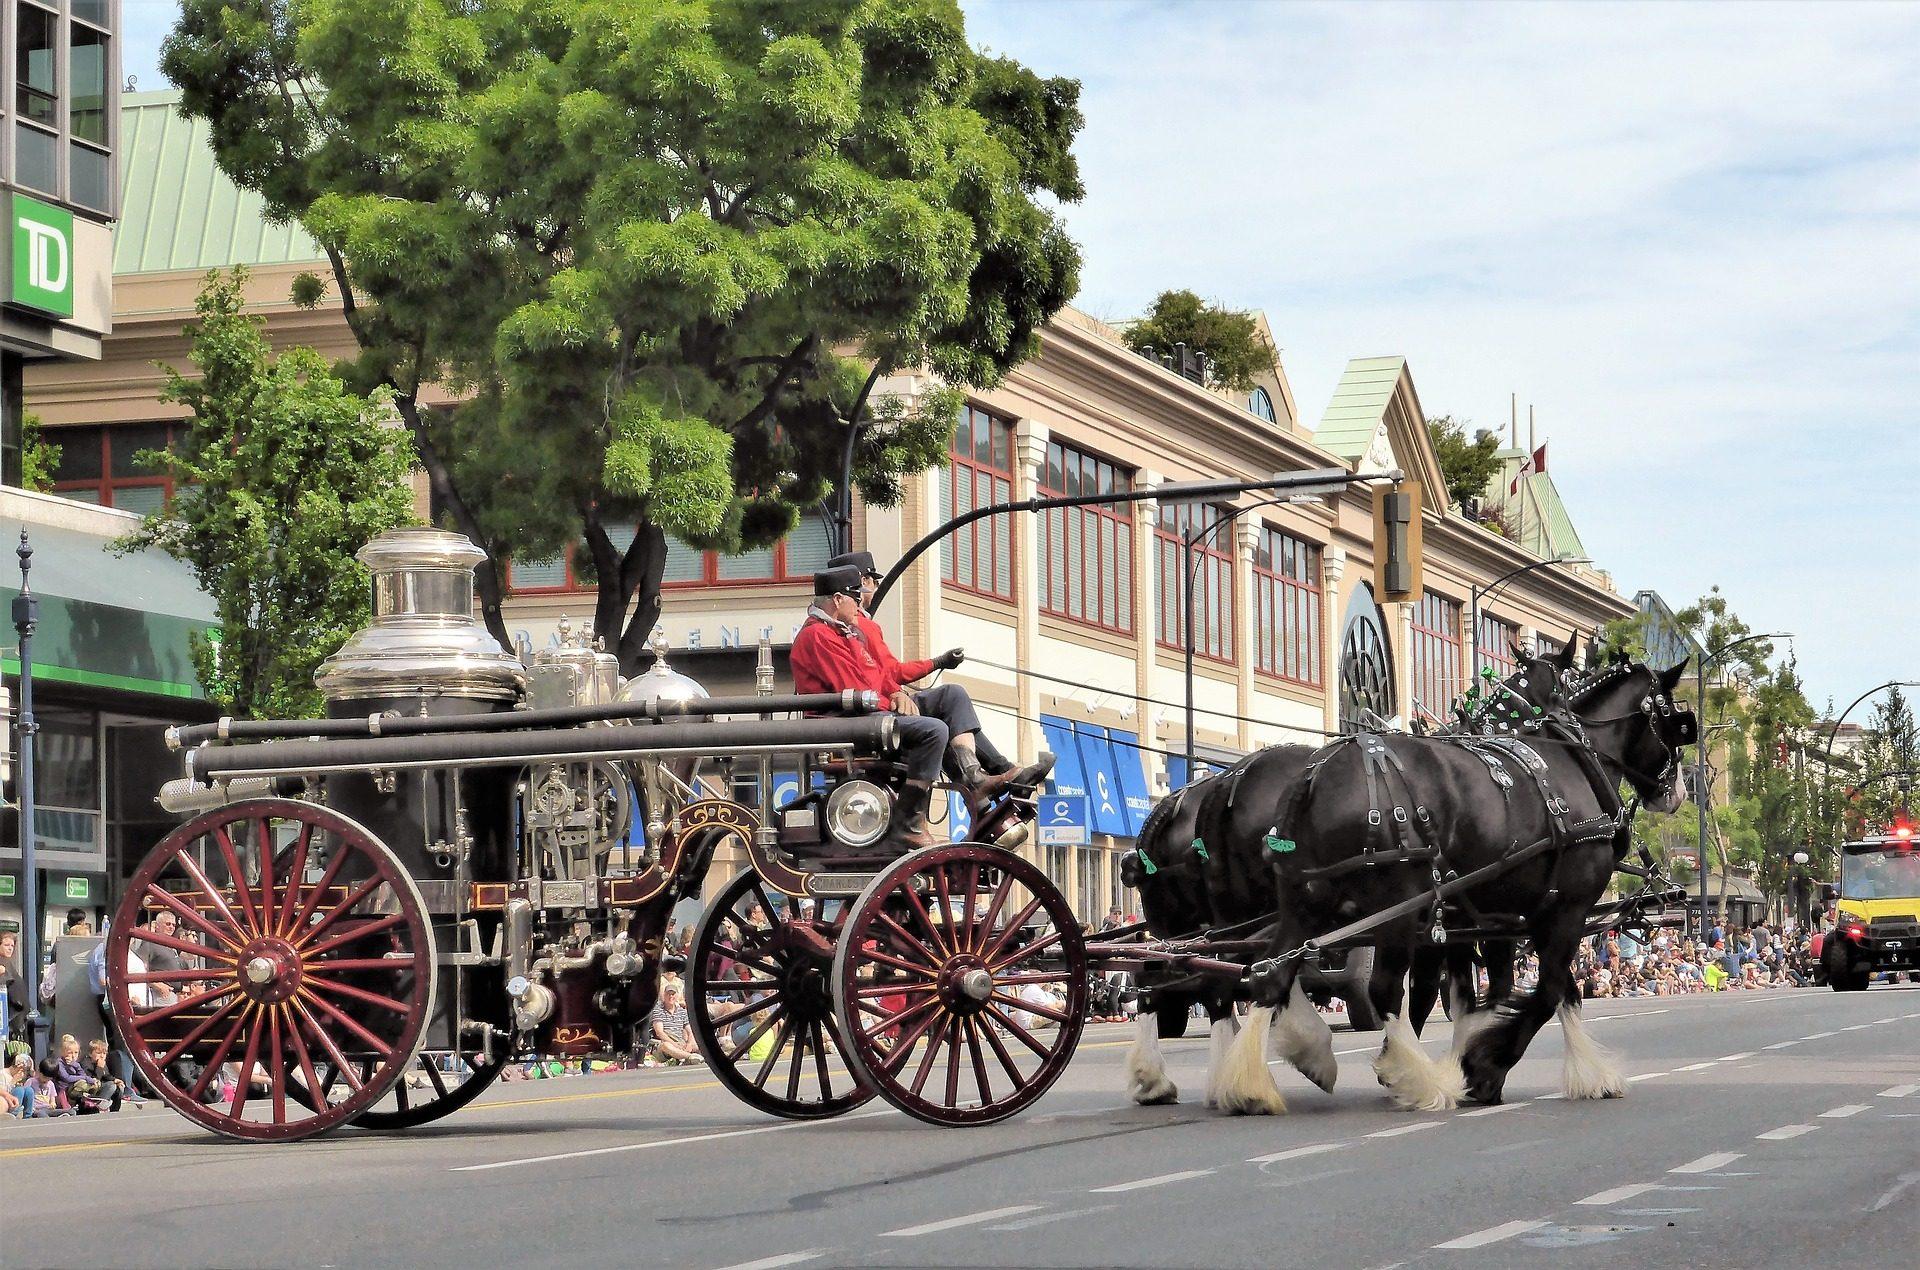 النقل, عربة, الخيول, القديمة, الحريق, خمر - خلفيات عالية الدقة - أستاذ falken.com